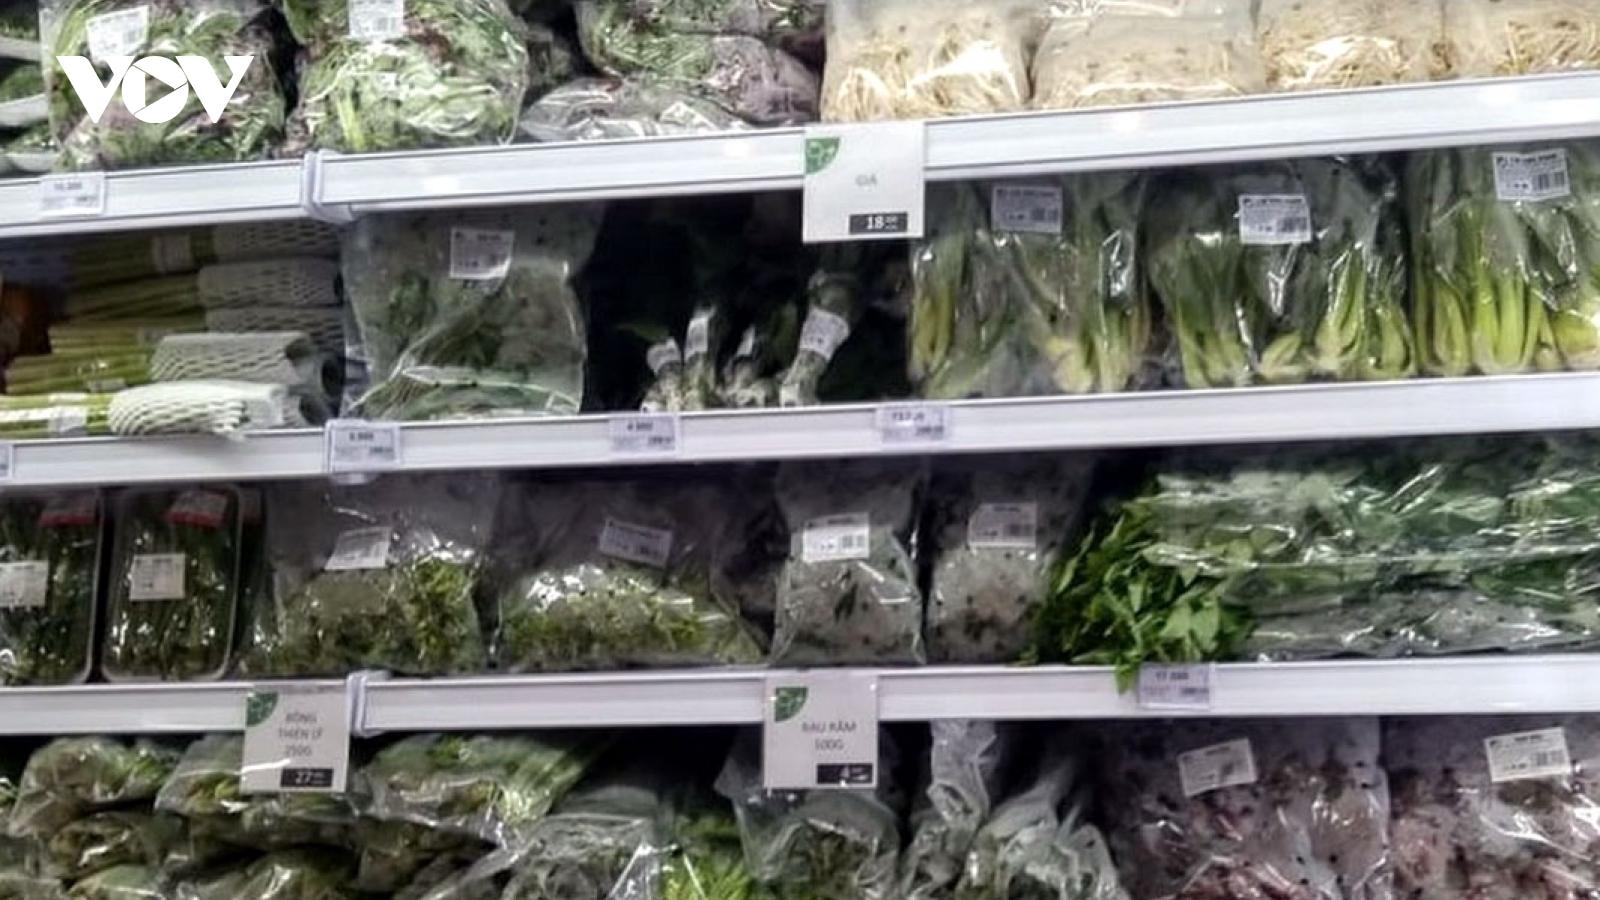 Thị trường Hà Lan: Cửa ngõ cho rau, củ, quả Việt Nam rộng cửa vào EU